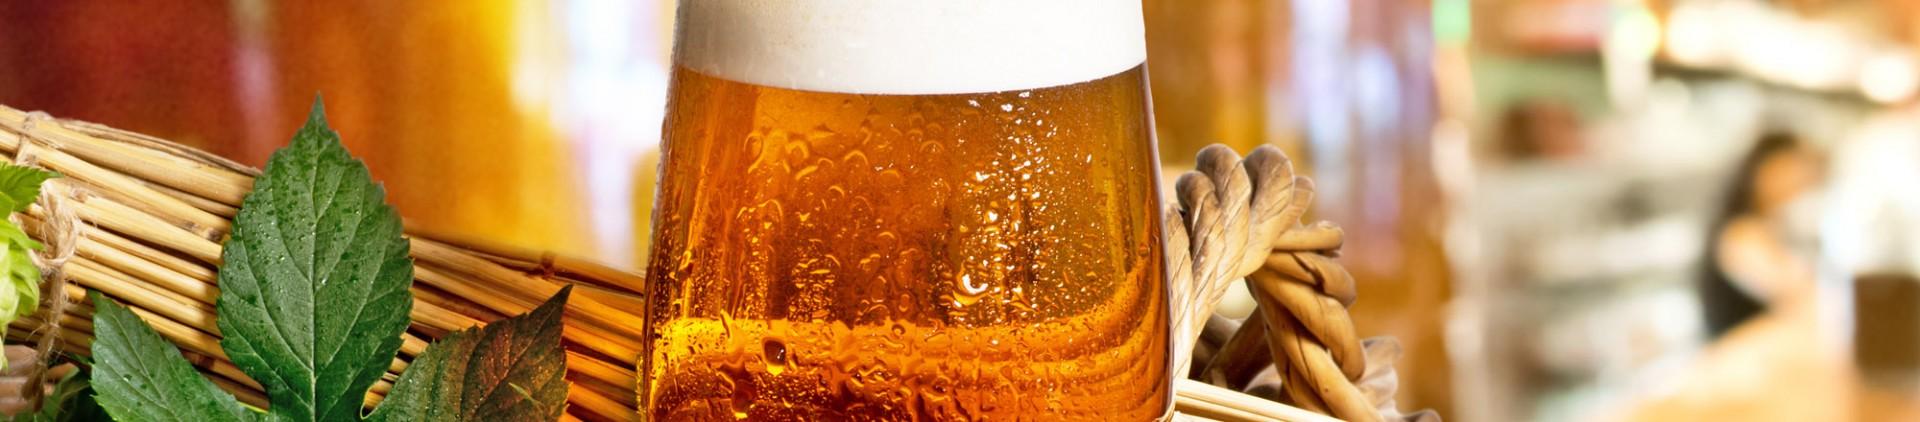 Les producteurs - Route de la bière en province de Liège